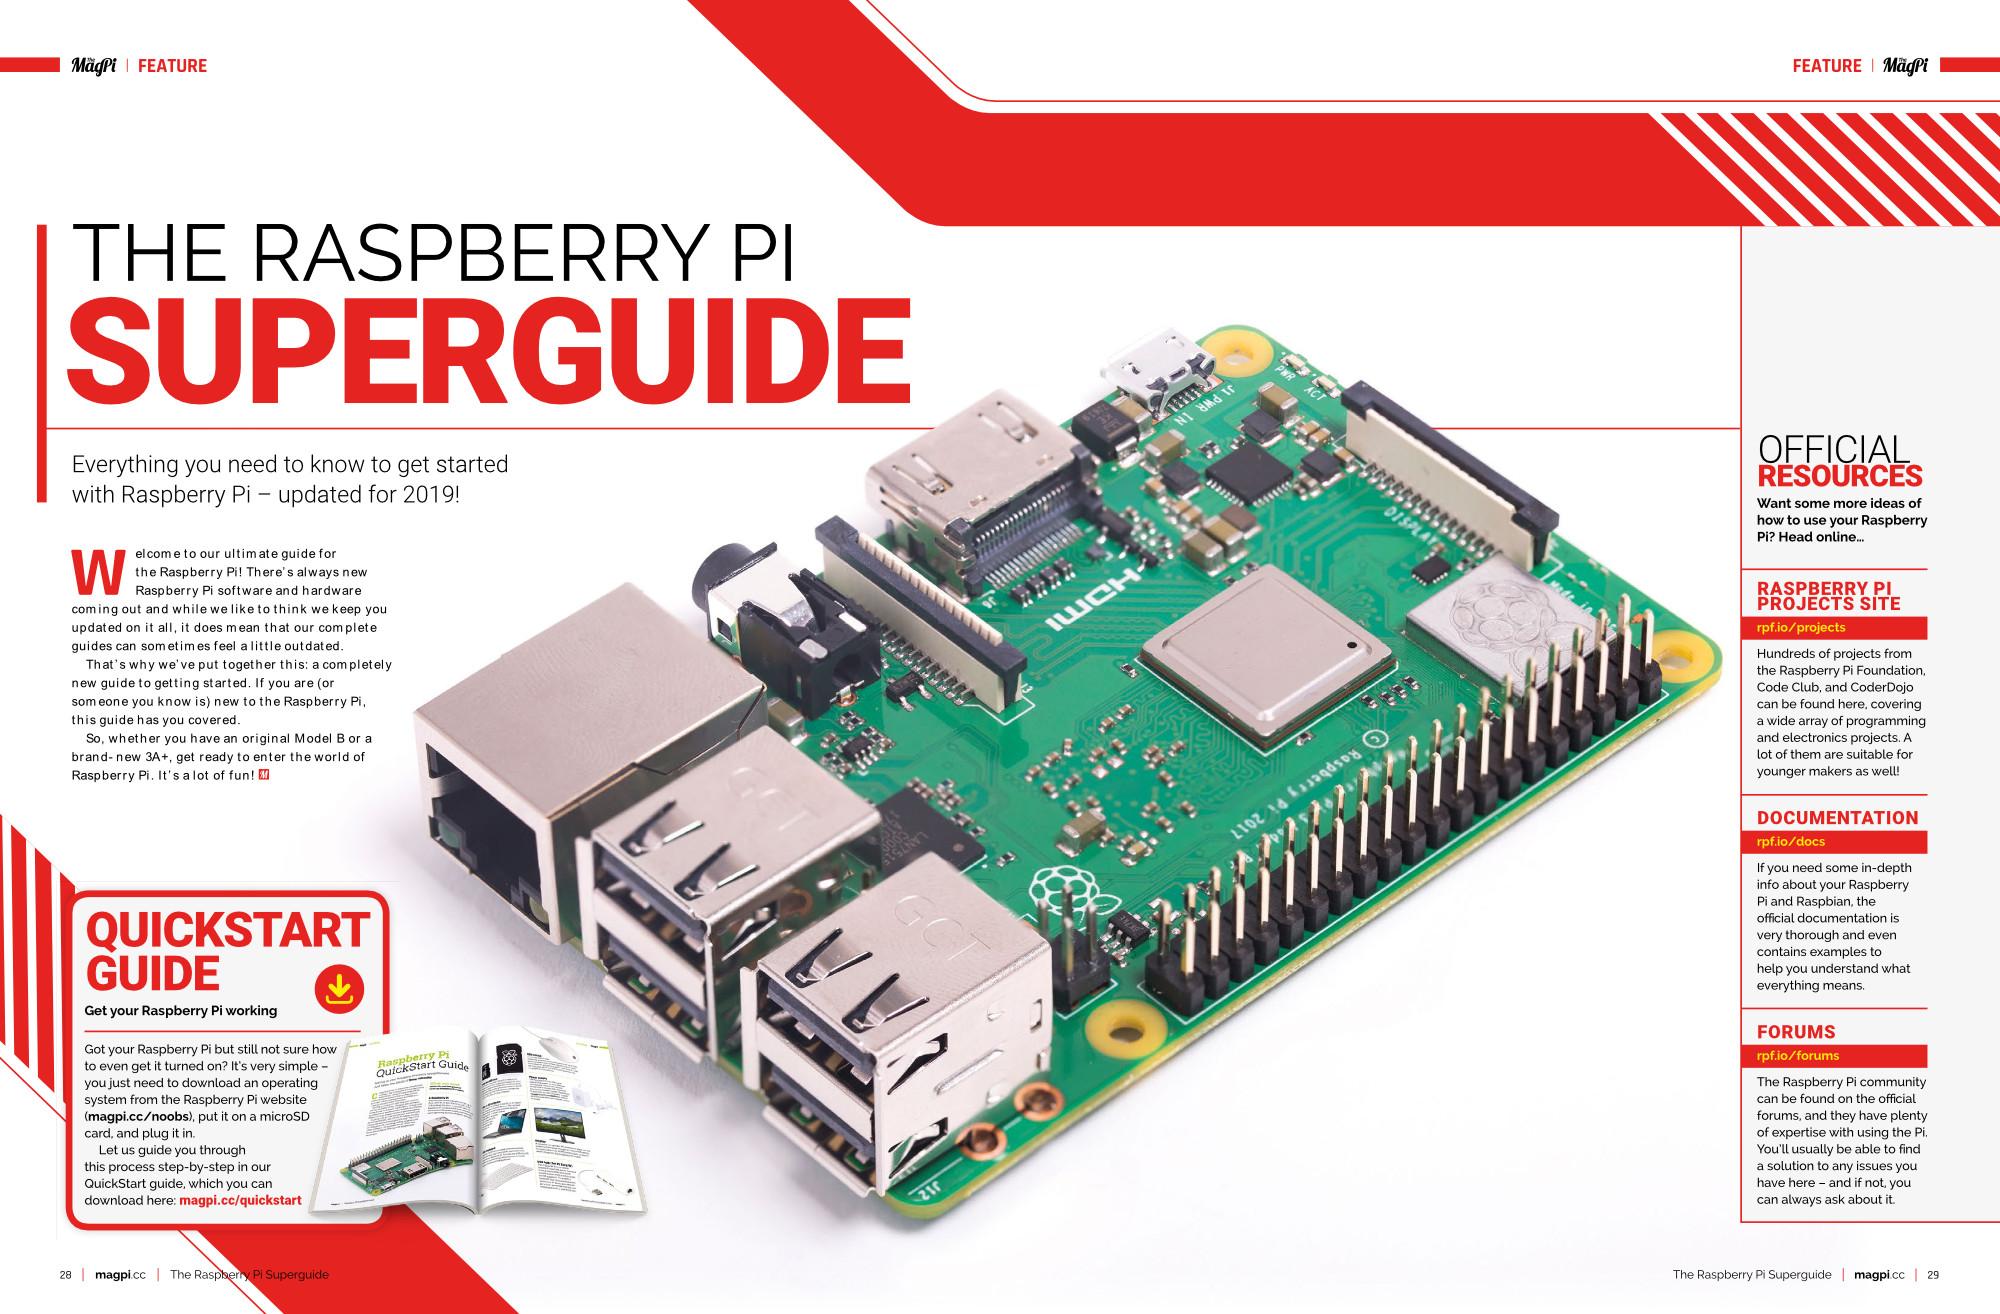 Raspberry Pi Superguide